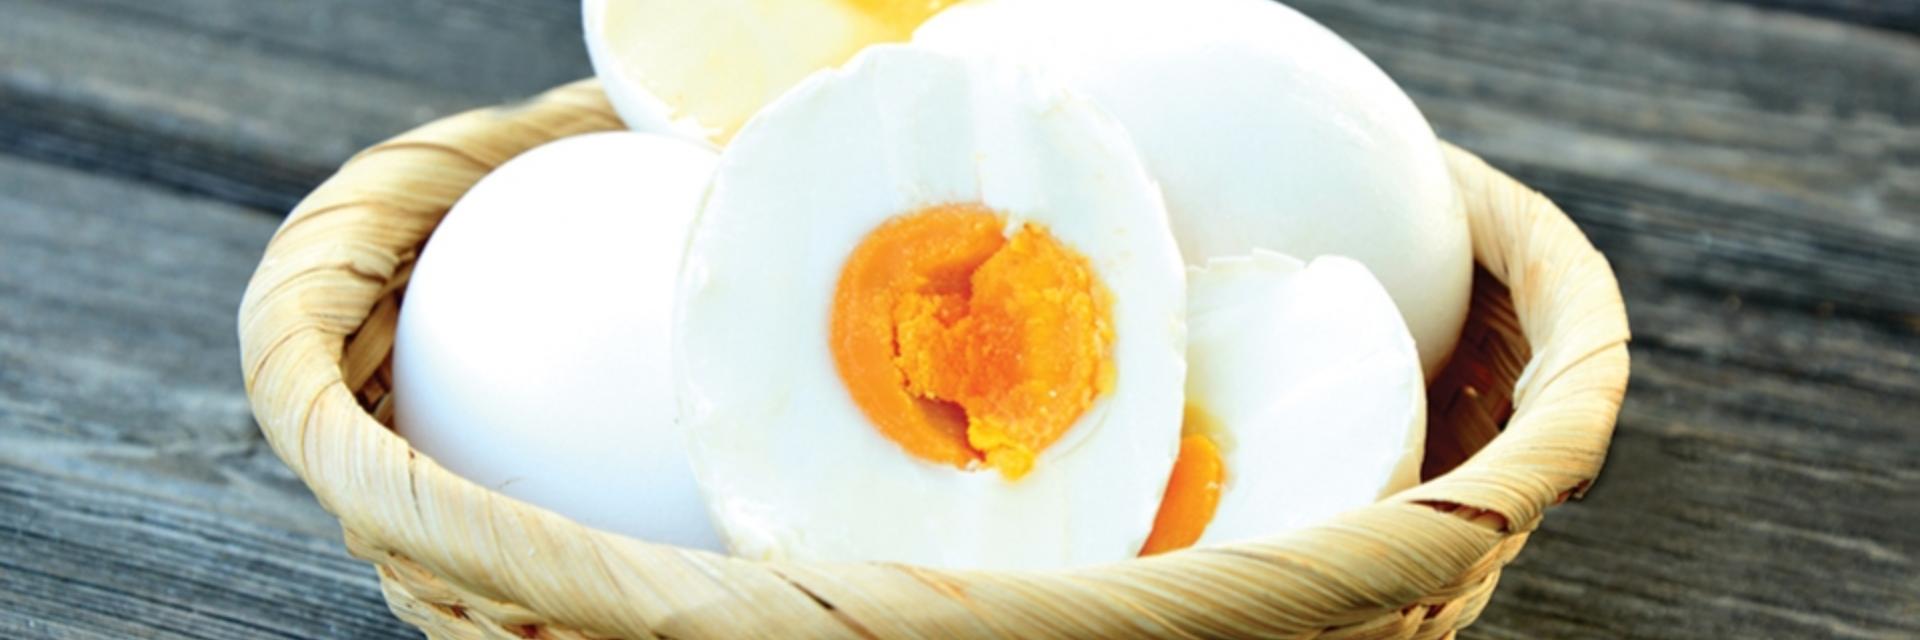 """ผลิตภัณฑ์สำหรับสายกิน """"ไข่เค็มสุดอร่อย"""" ตลาดตรอกซอยบ้านตาก จังหวัดตาก"""